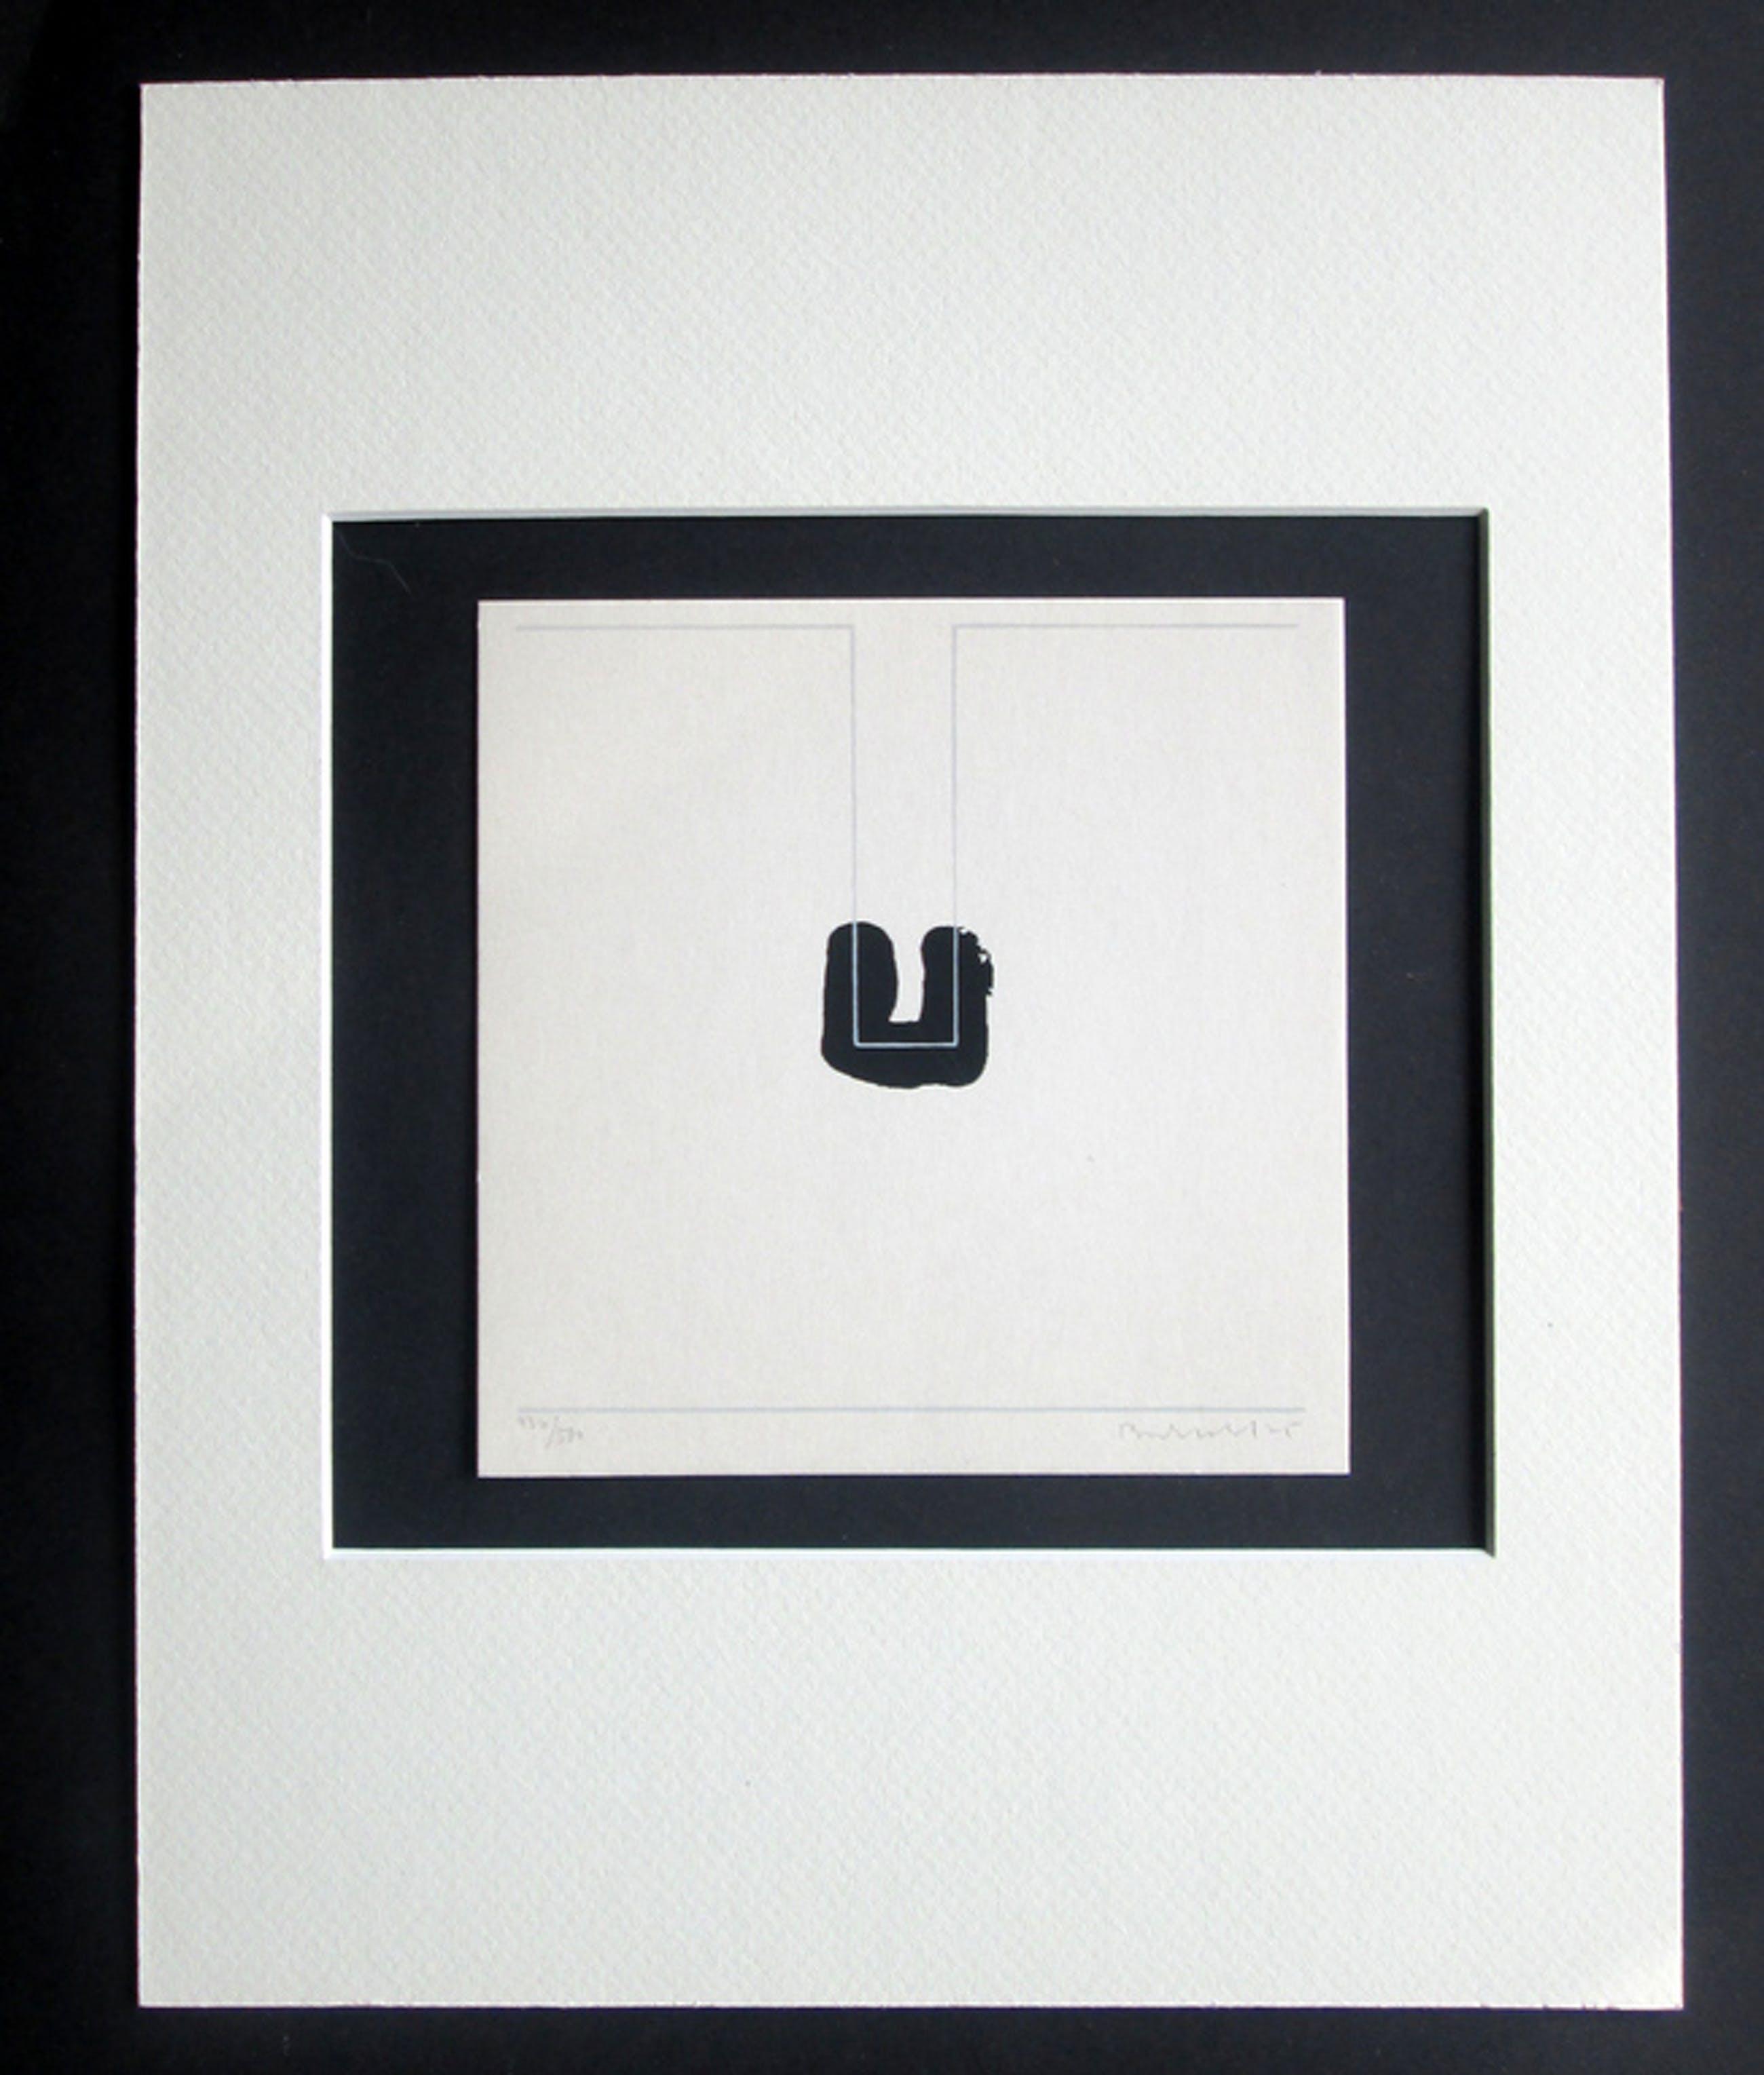 Erwin Bechtold - Komposition - handgesigneerd en genummerd kopen? Bied vanaf 25!